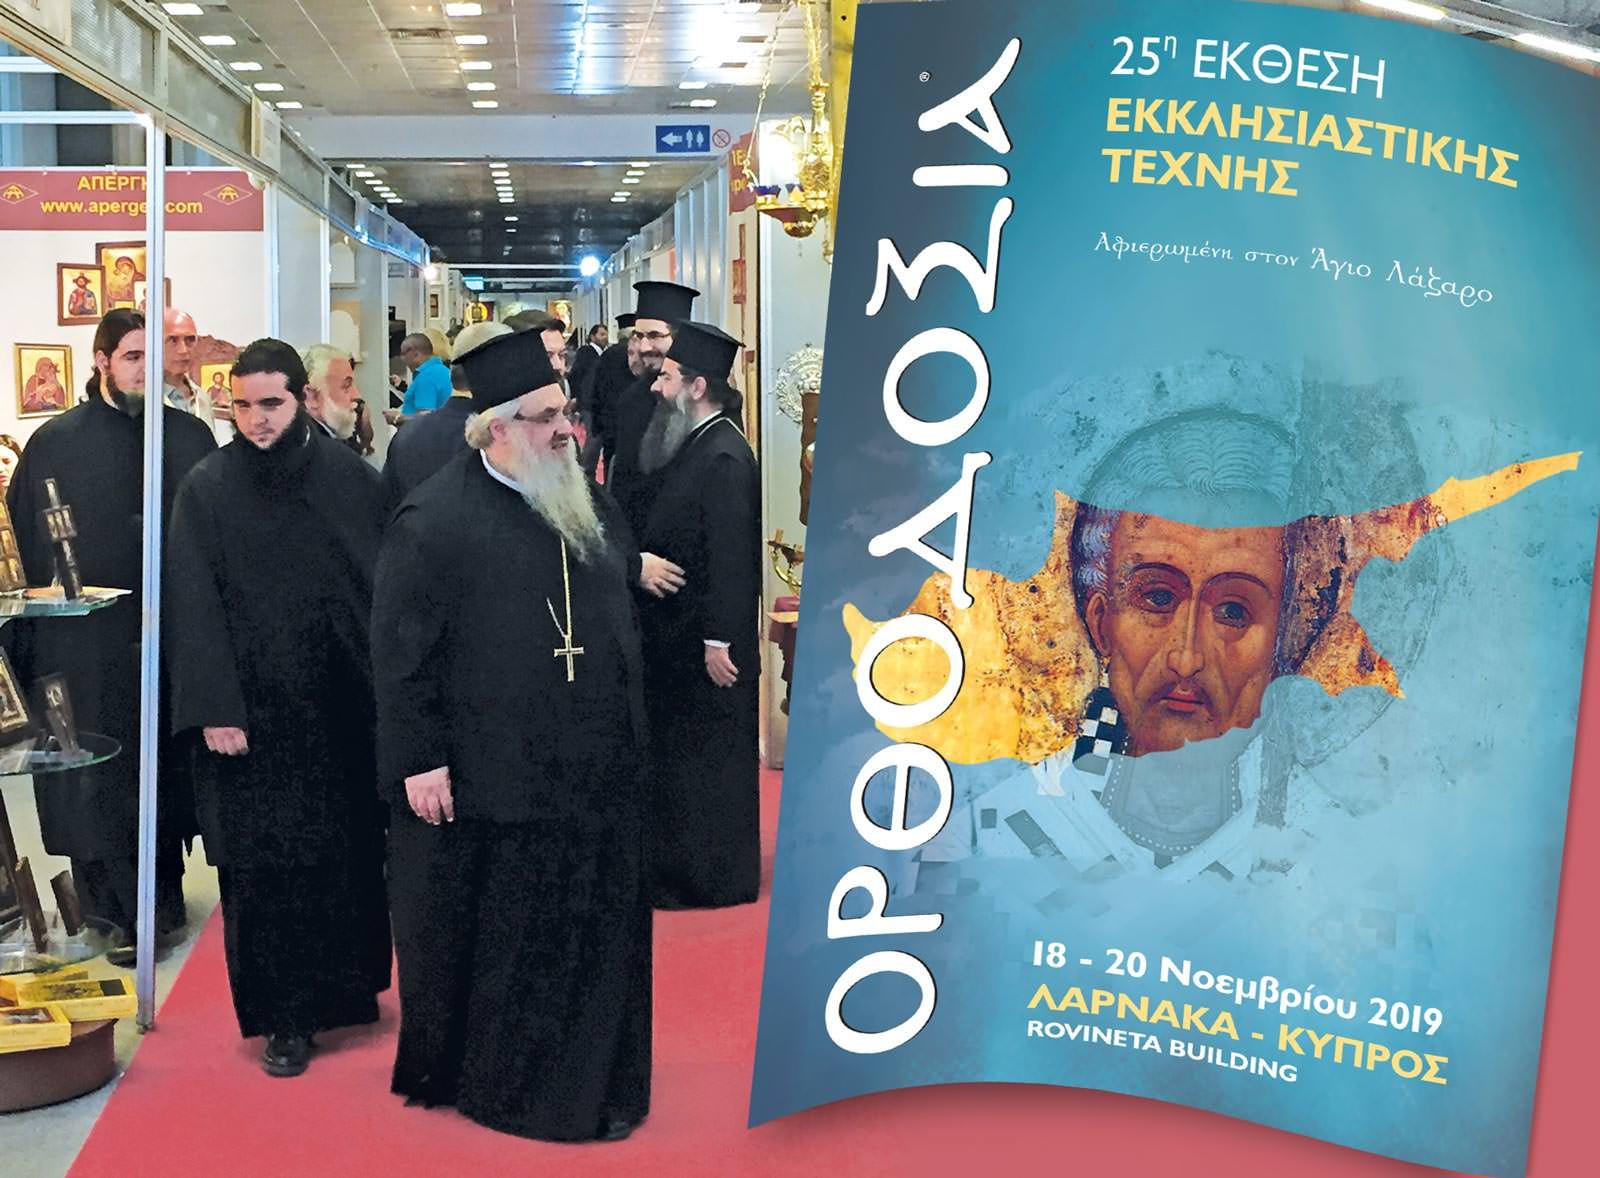 έκθεση ΟΡΘΟΔΟΞΙΑ Κύπρος 2019